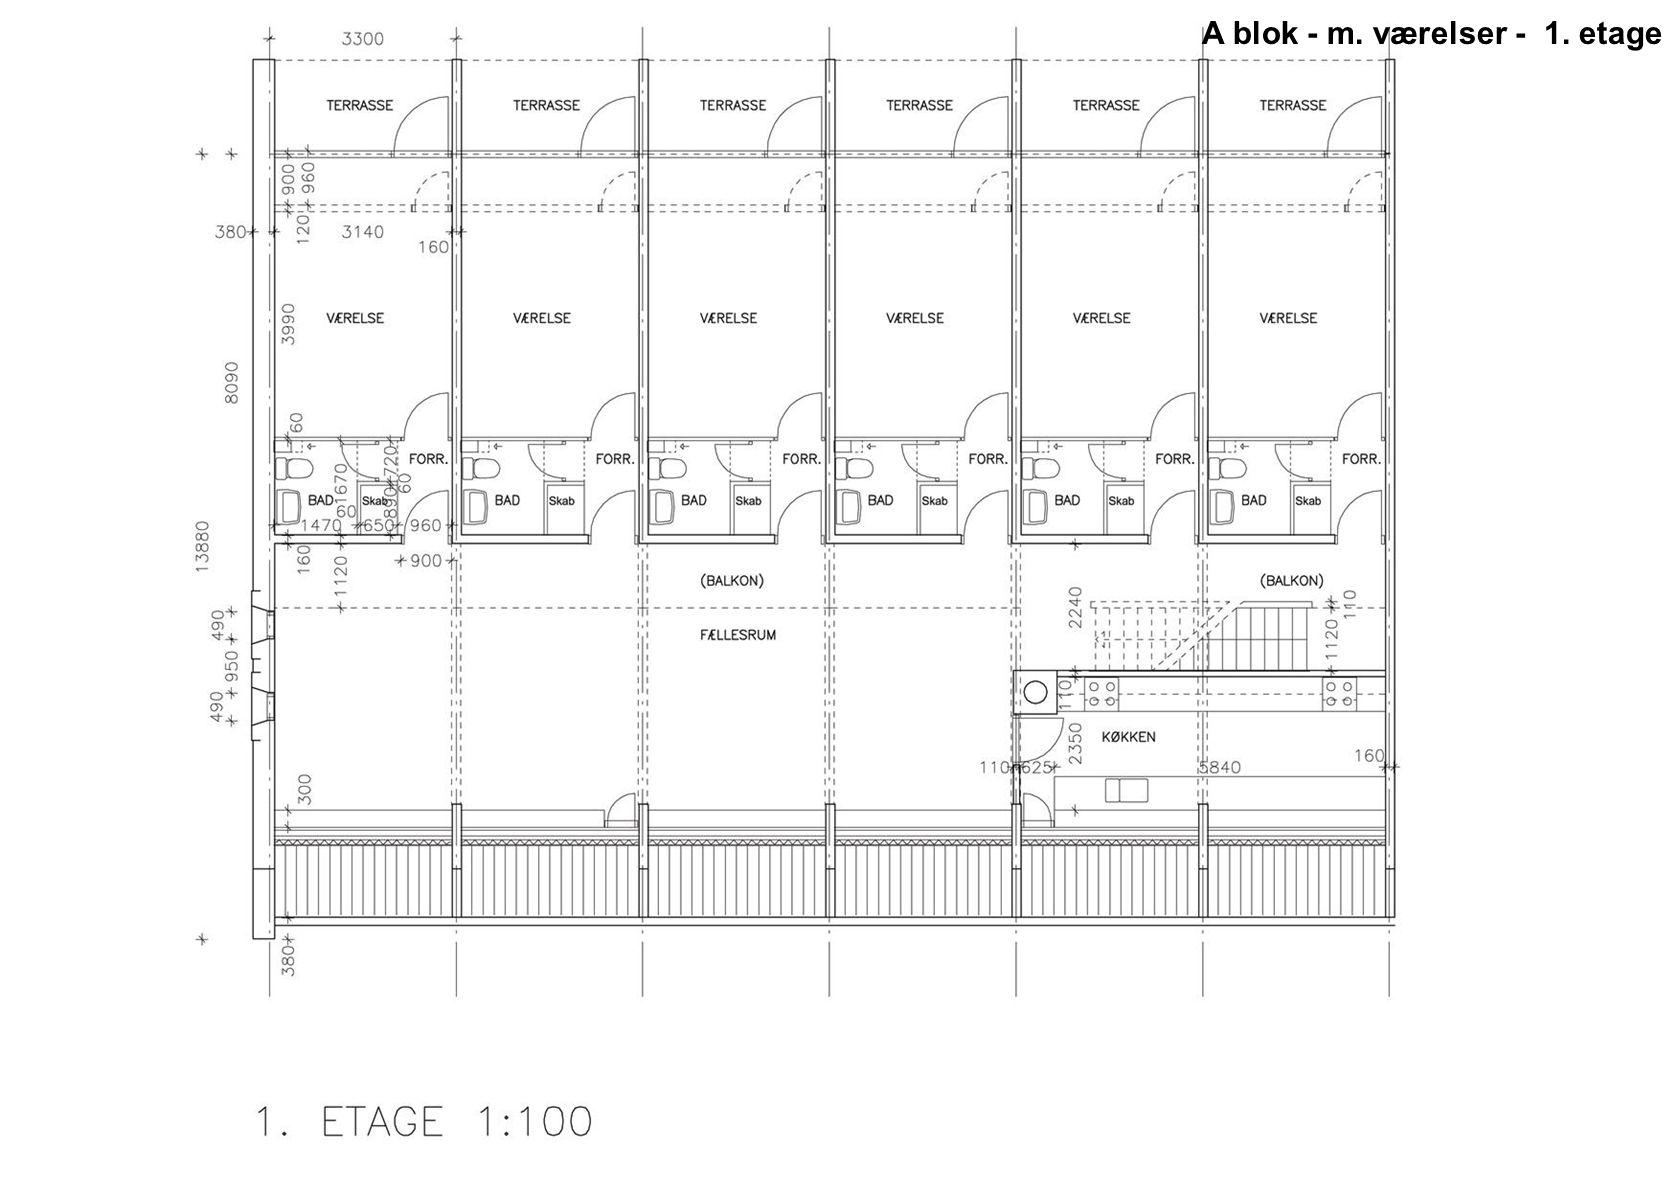 A blok - m. værelser - 1. etage